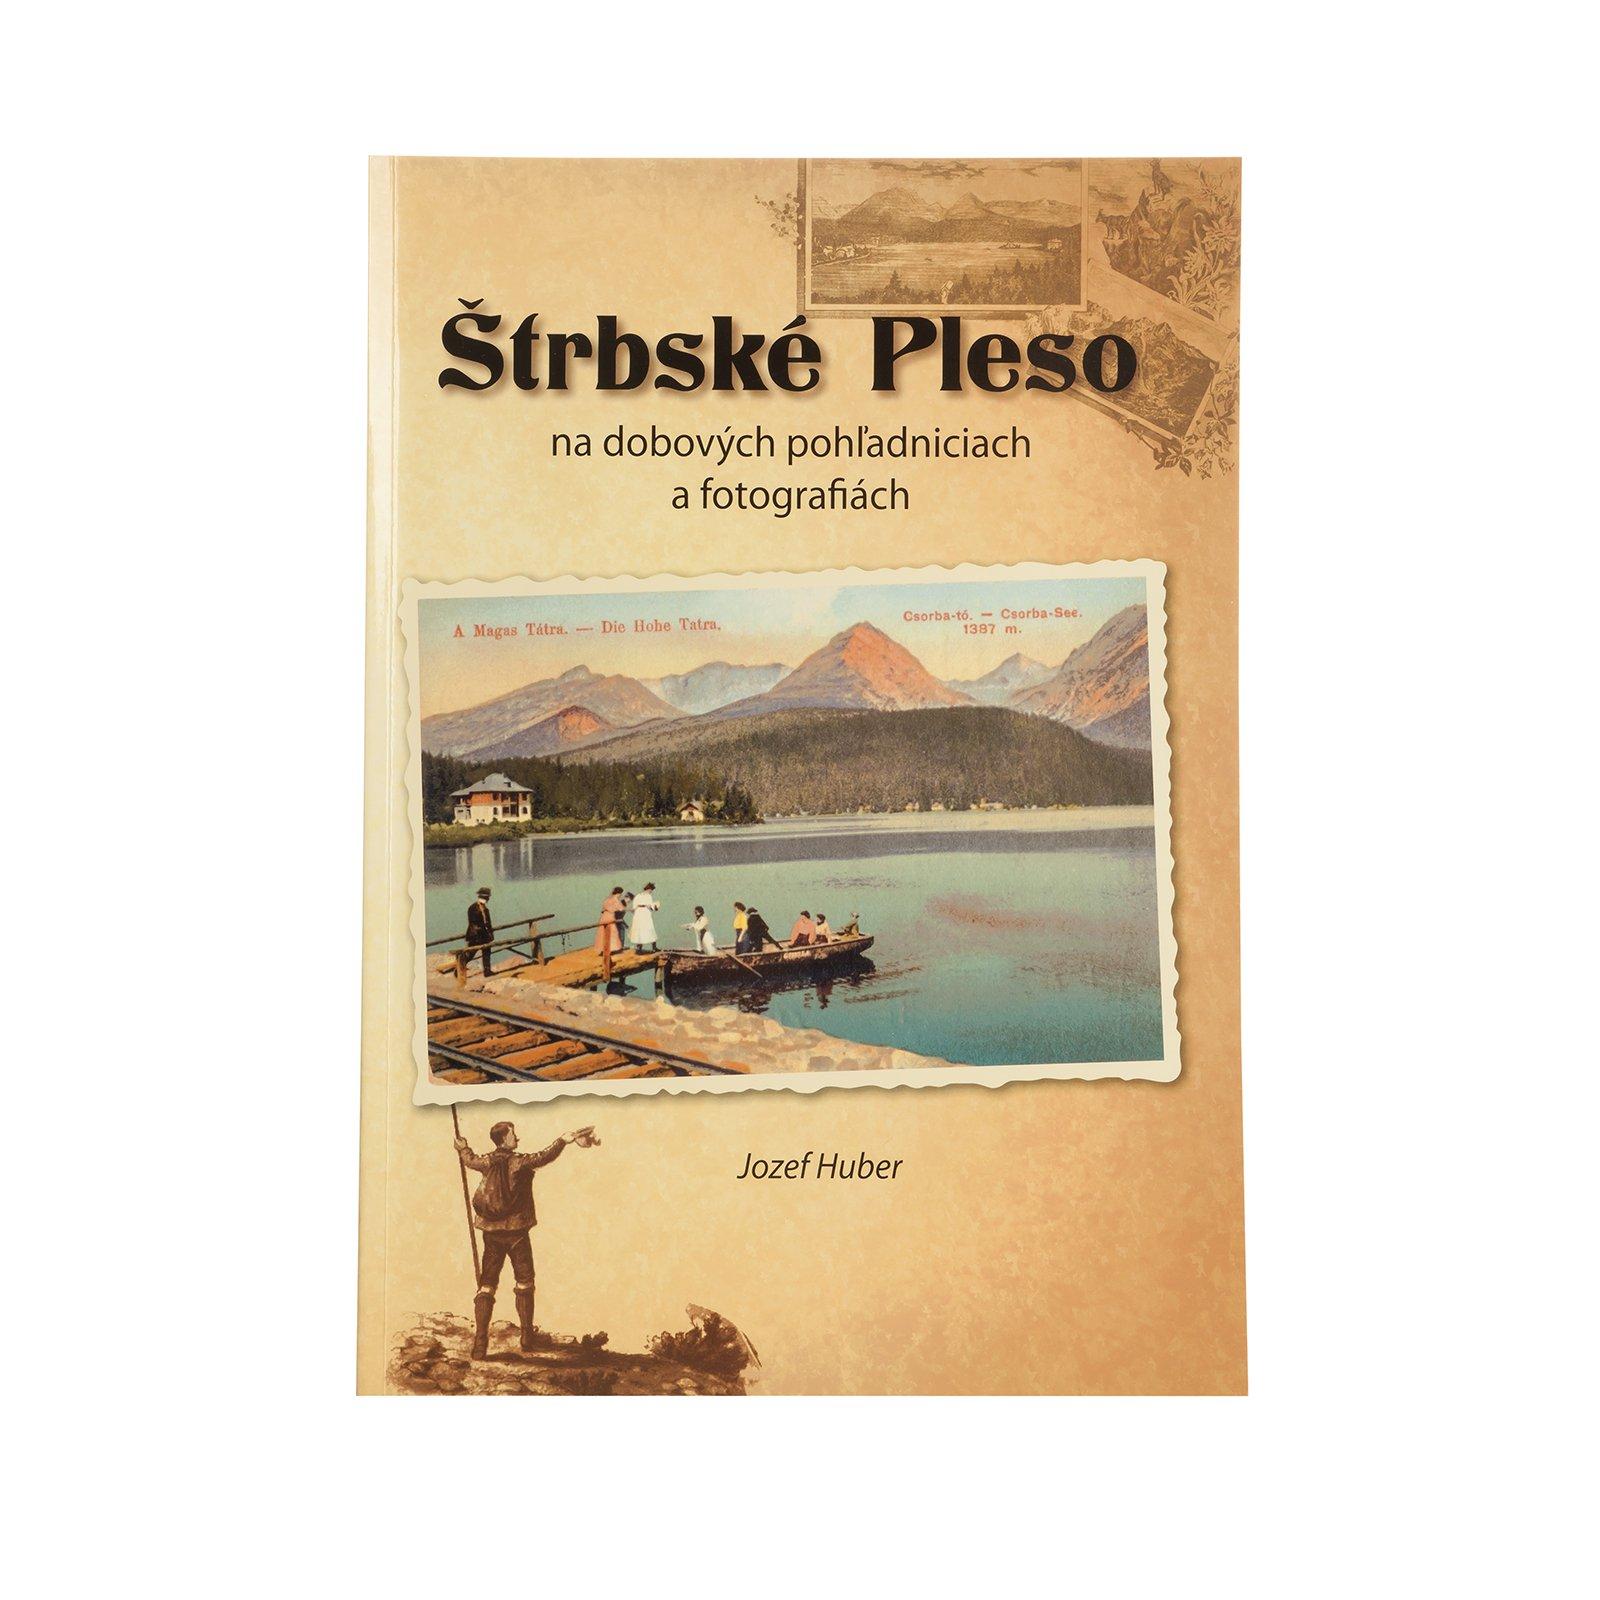 Štrbské Pleso on Period Postcards and Photographs (Štrbské Pleso na dobových pohľadniciach a fotografiách)